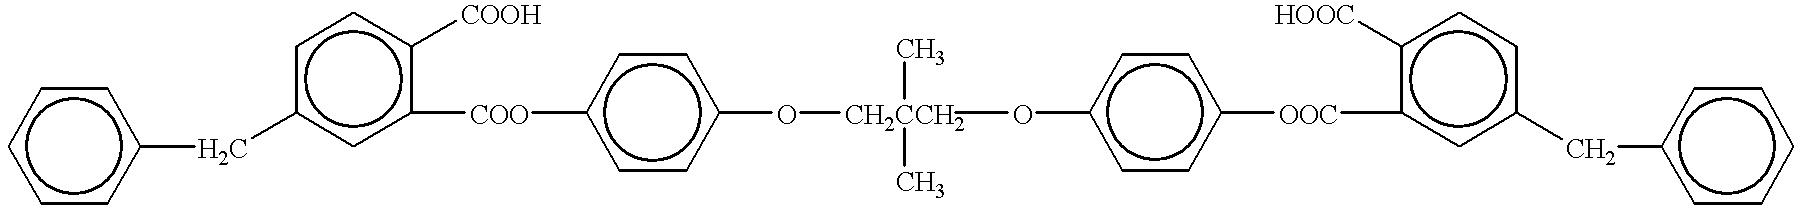 Figure US06180560-20010130-C00266